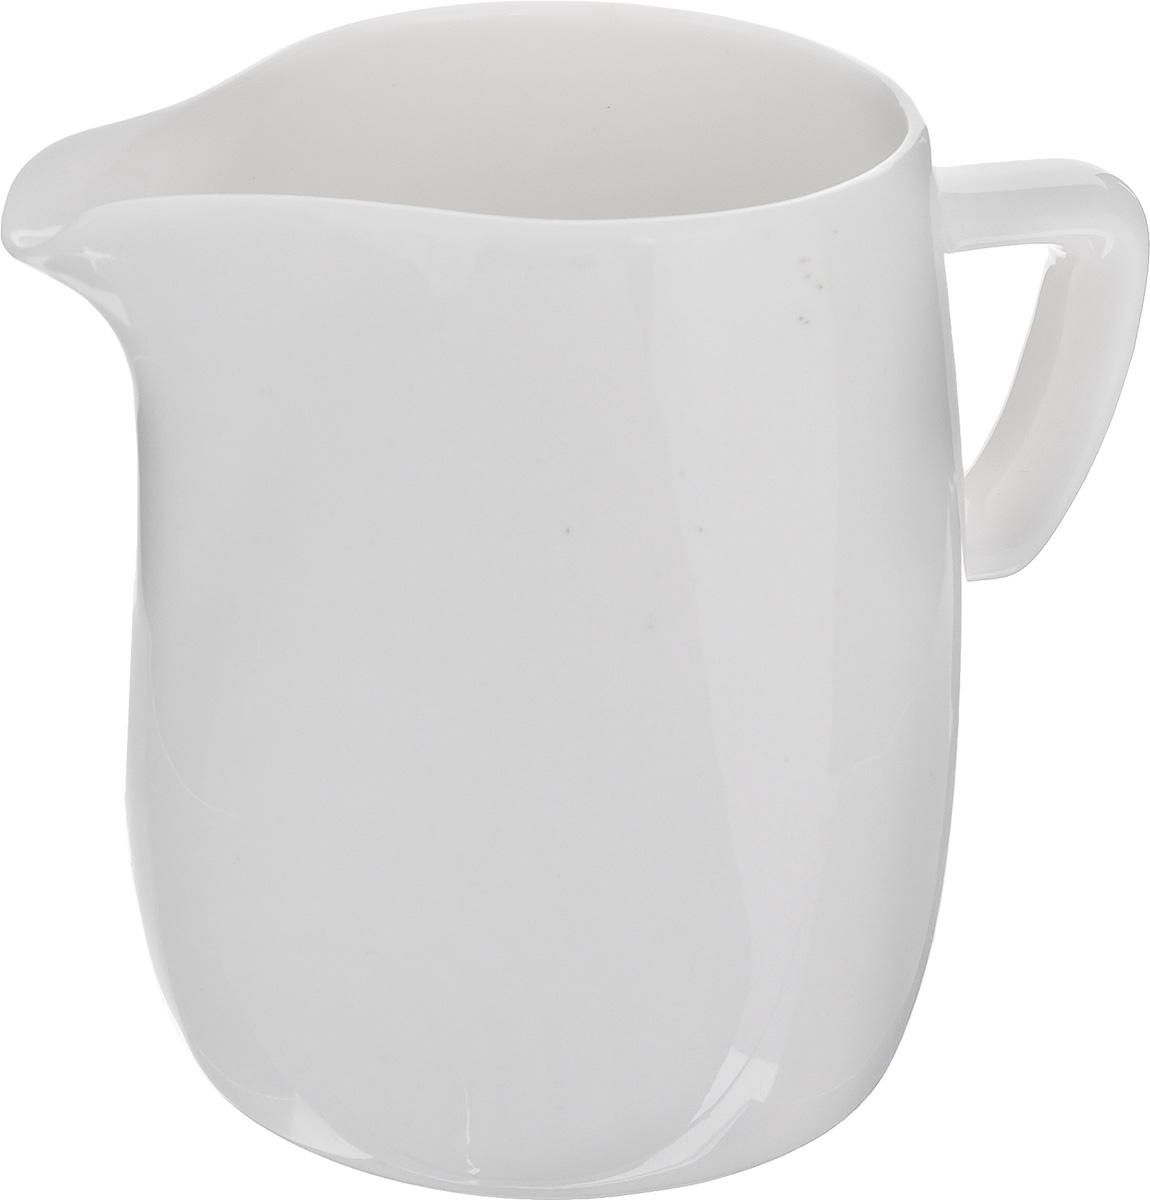 Сливочник Tescoma Crema, 250 мл103815Сливочник Tescoma Crema выполнен из высококачественного фарфора.Эксклюзивный дизайн, эстетичность и функциональность сливочника сделает его незаменимым на любой кухне.Можно мыть в посудомоечной машине, использовать в микроволновой печи и морозильнике. Диаметр по верхнему краю (без учета носика): 6 см.